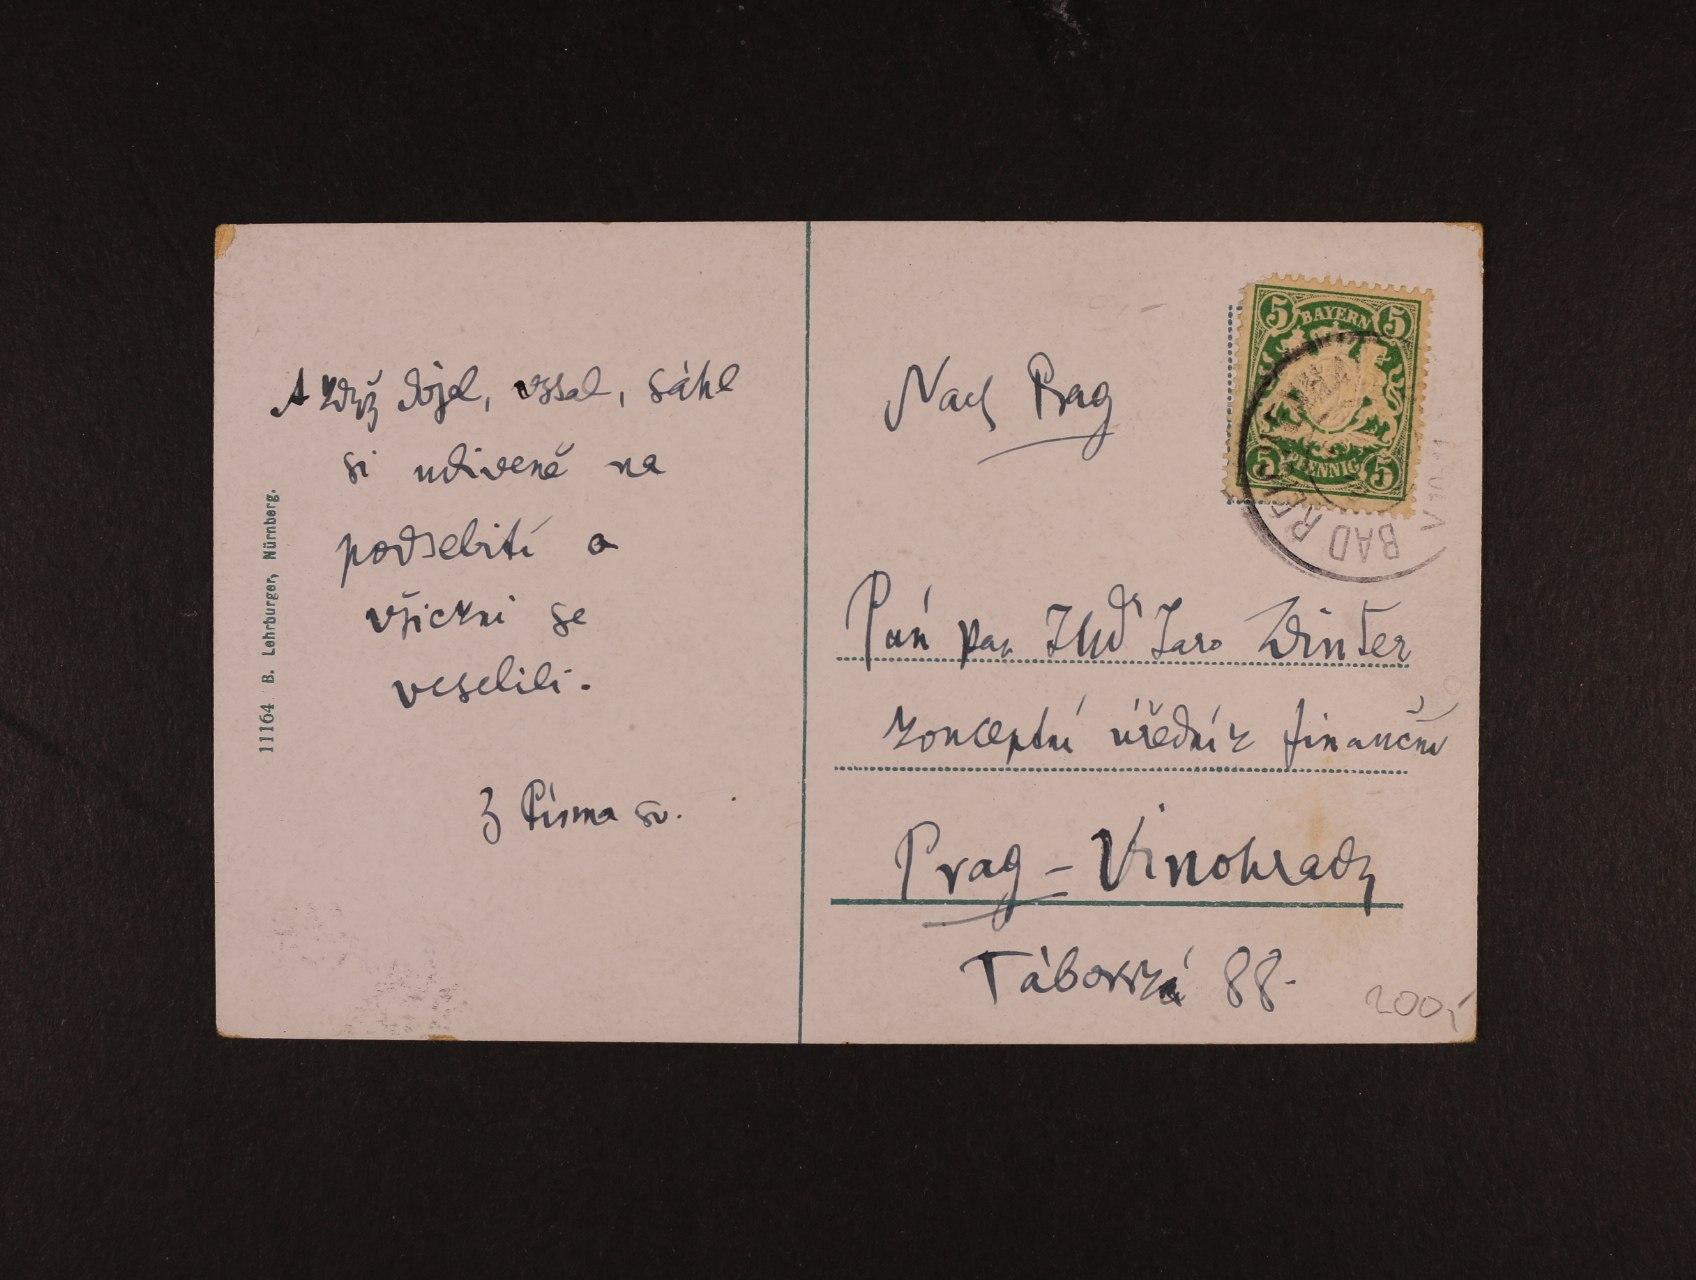 Winter Zikmund Dr. 1846 - 1912, spisovatel, historik a učitel - pohlednice z Bavorska synovi do Prahy